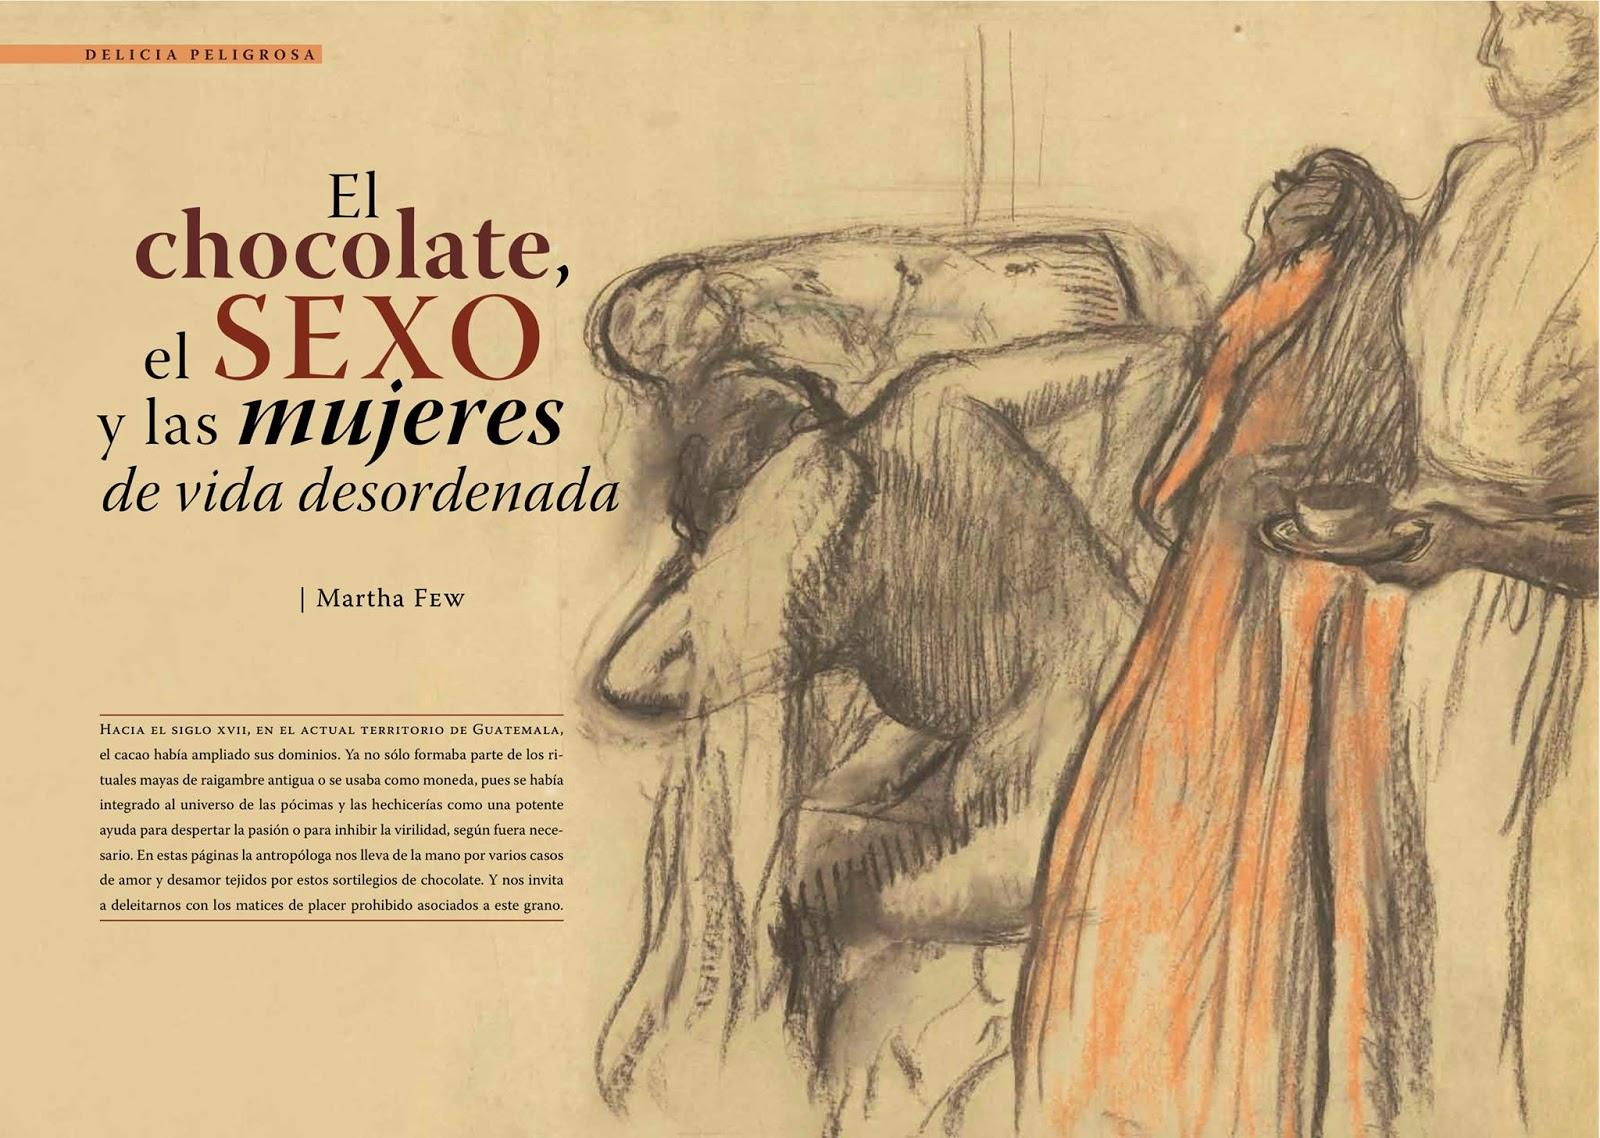 Chocolate, SEXO y mujeres de la vida desordenada.